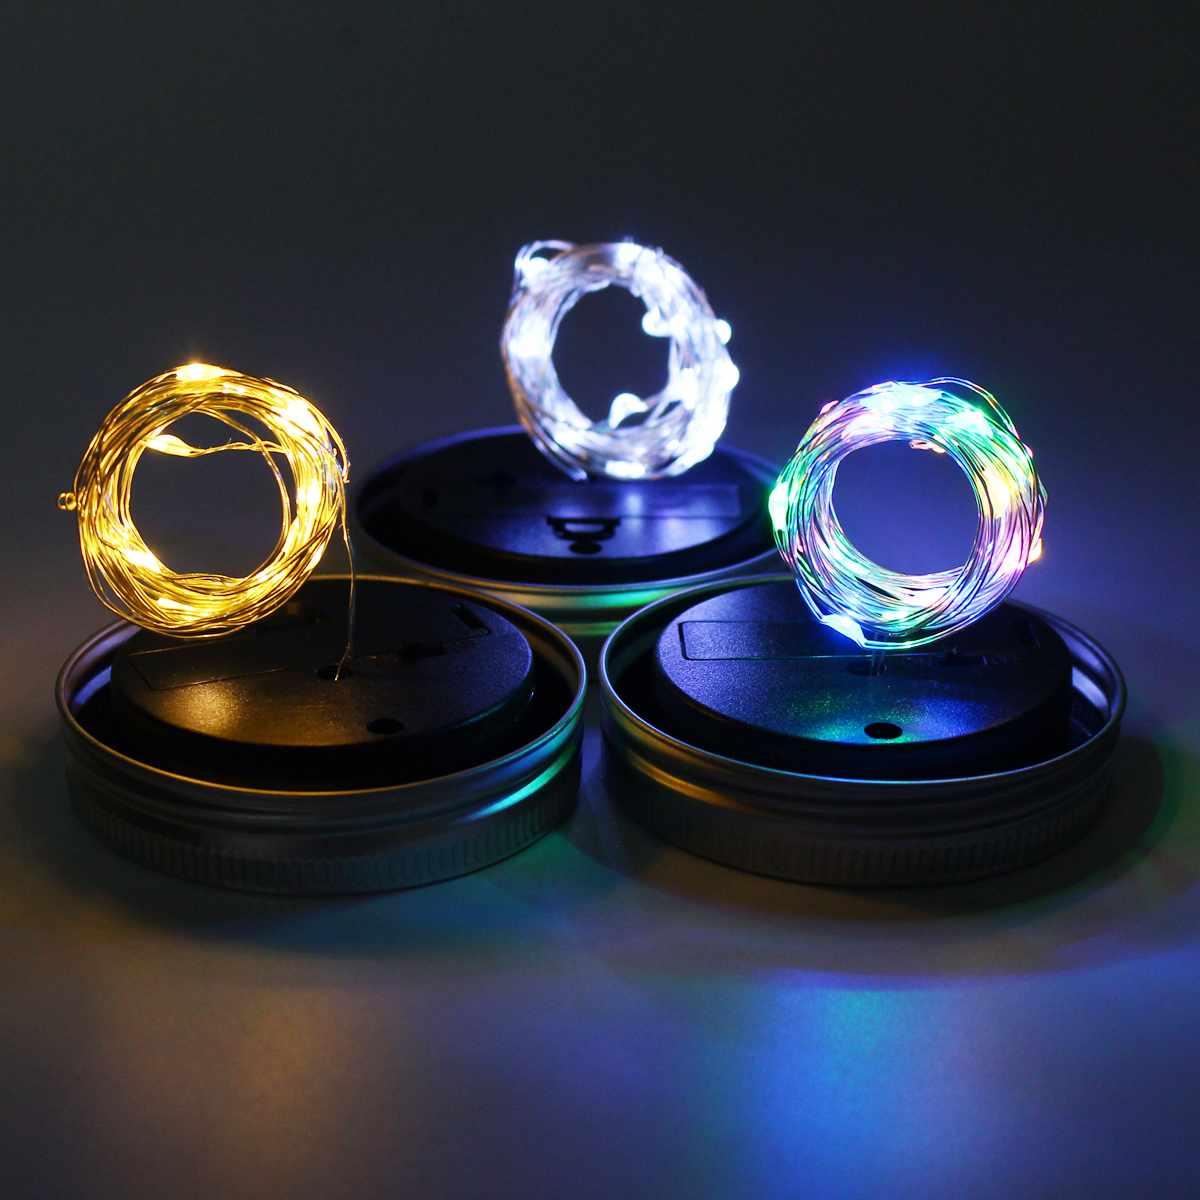 2M Solar Powered Lighting String 20LEDs Mason Jar Lid Insert Fairy String Light For Garden Christmas Party Decor